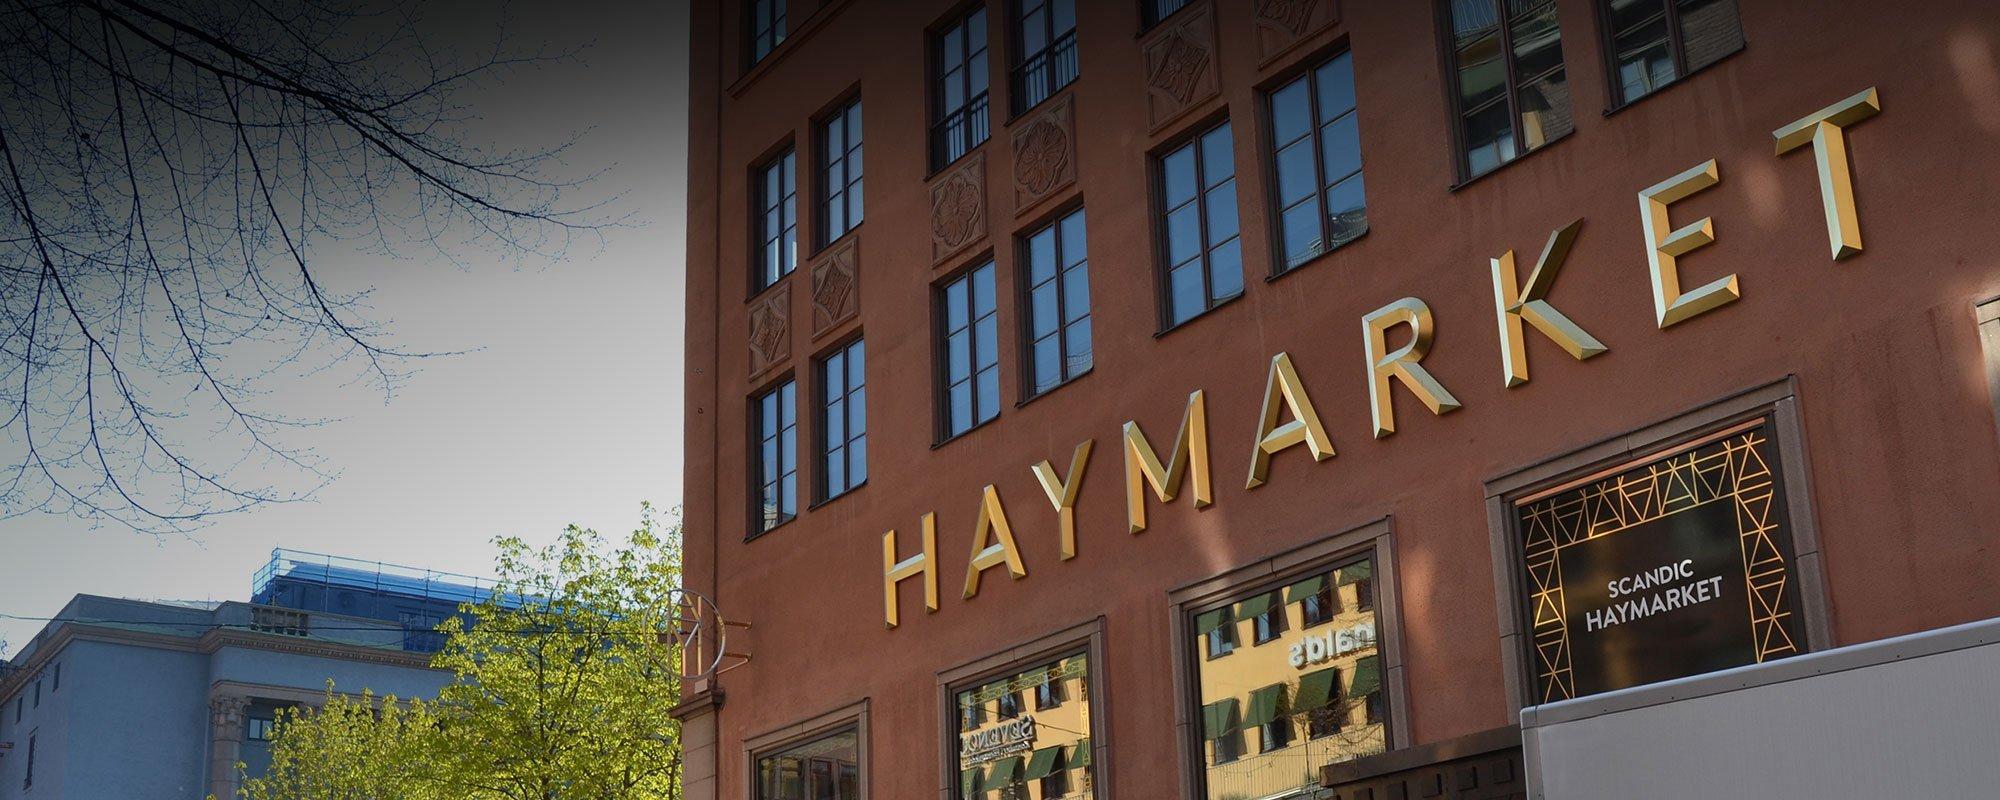 Obelysta skyltar maker i Stockholm | FocusNeo